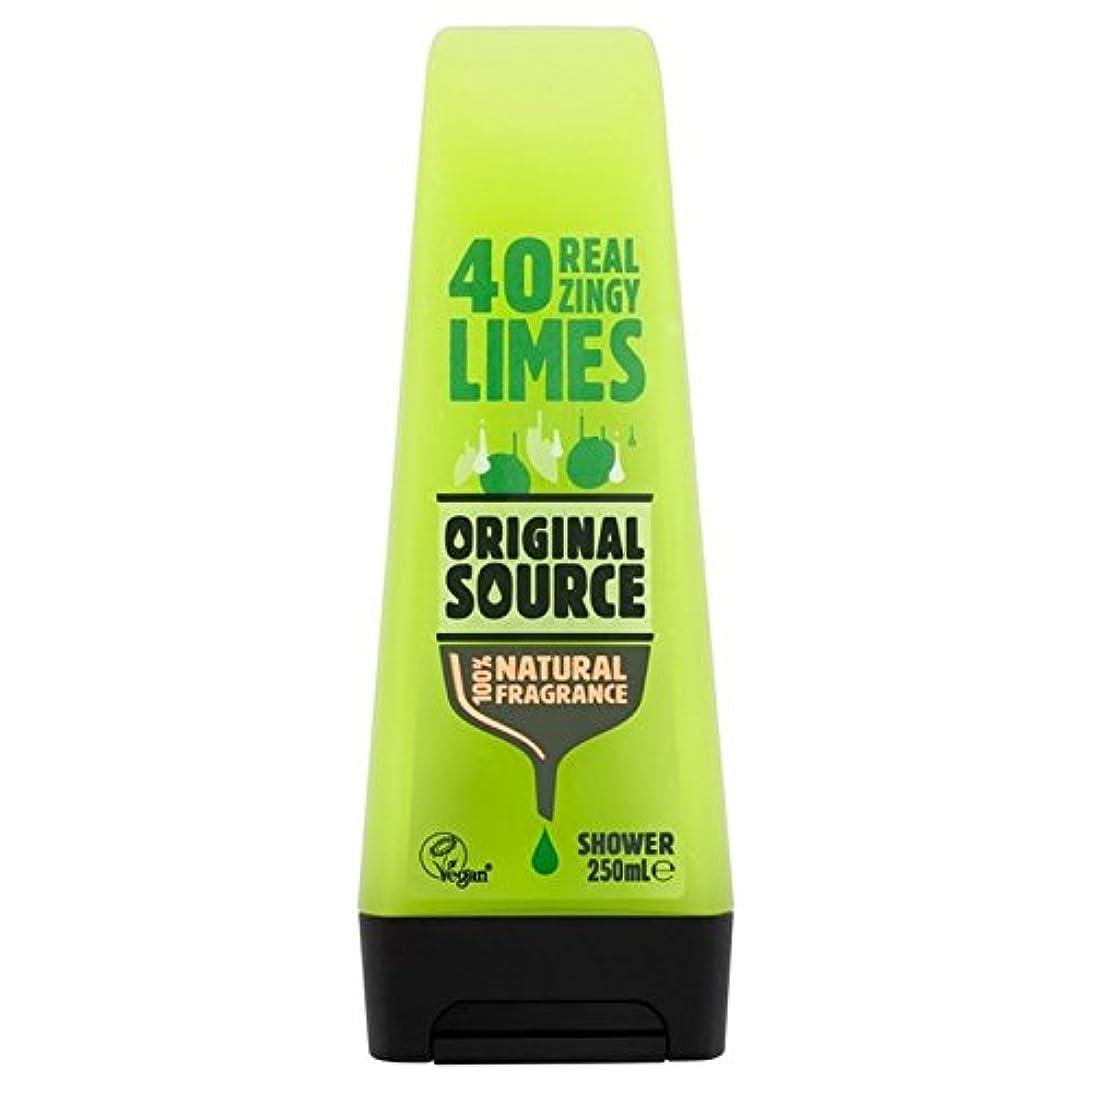 ポジションまた明日ね逃げるOriginal Source Lime Shower Gel 250ml - 元のソースライムシャワージェル250ミリリットル [並行輸入品]